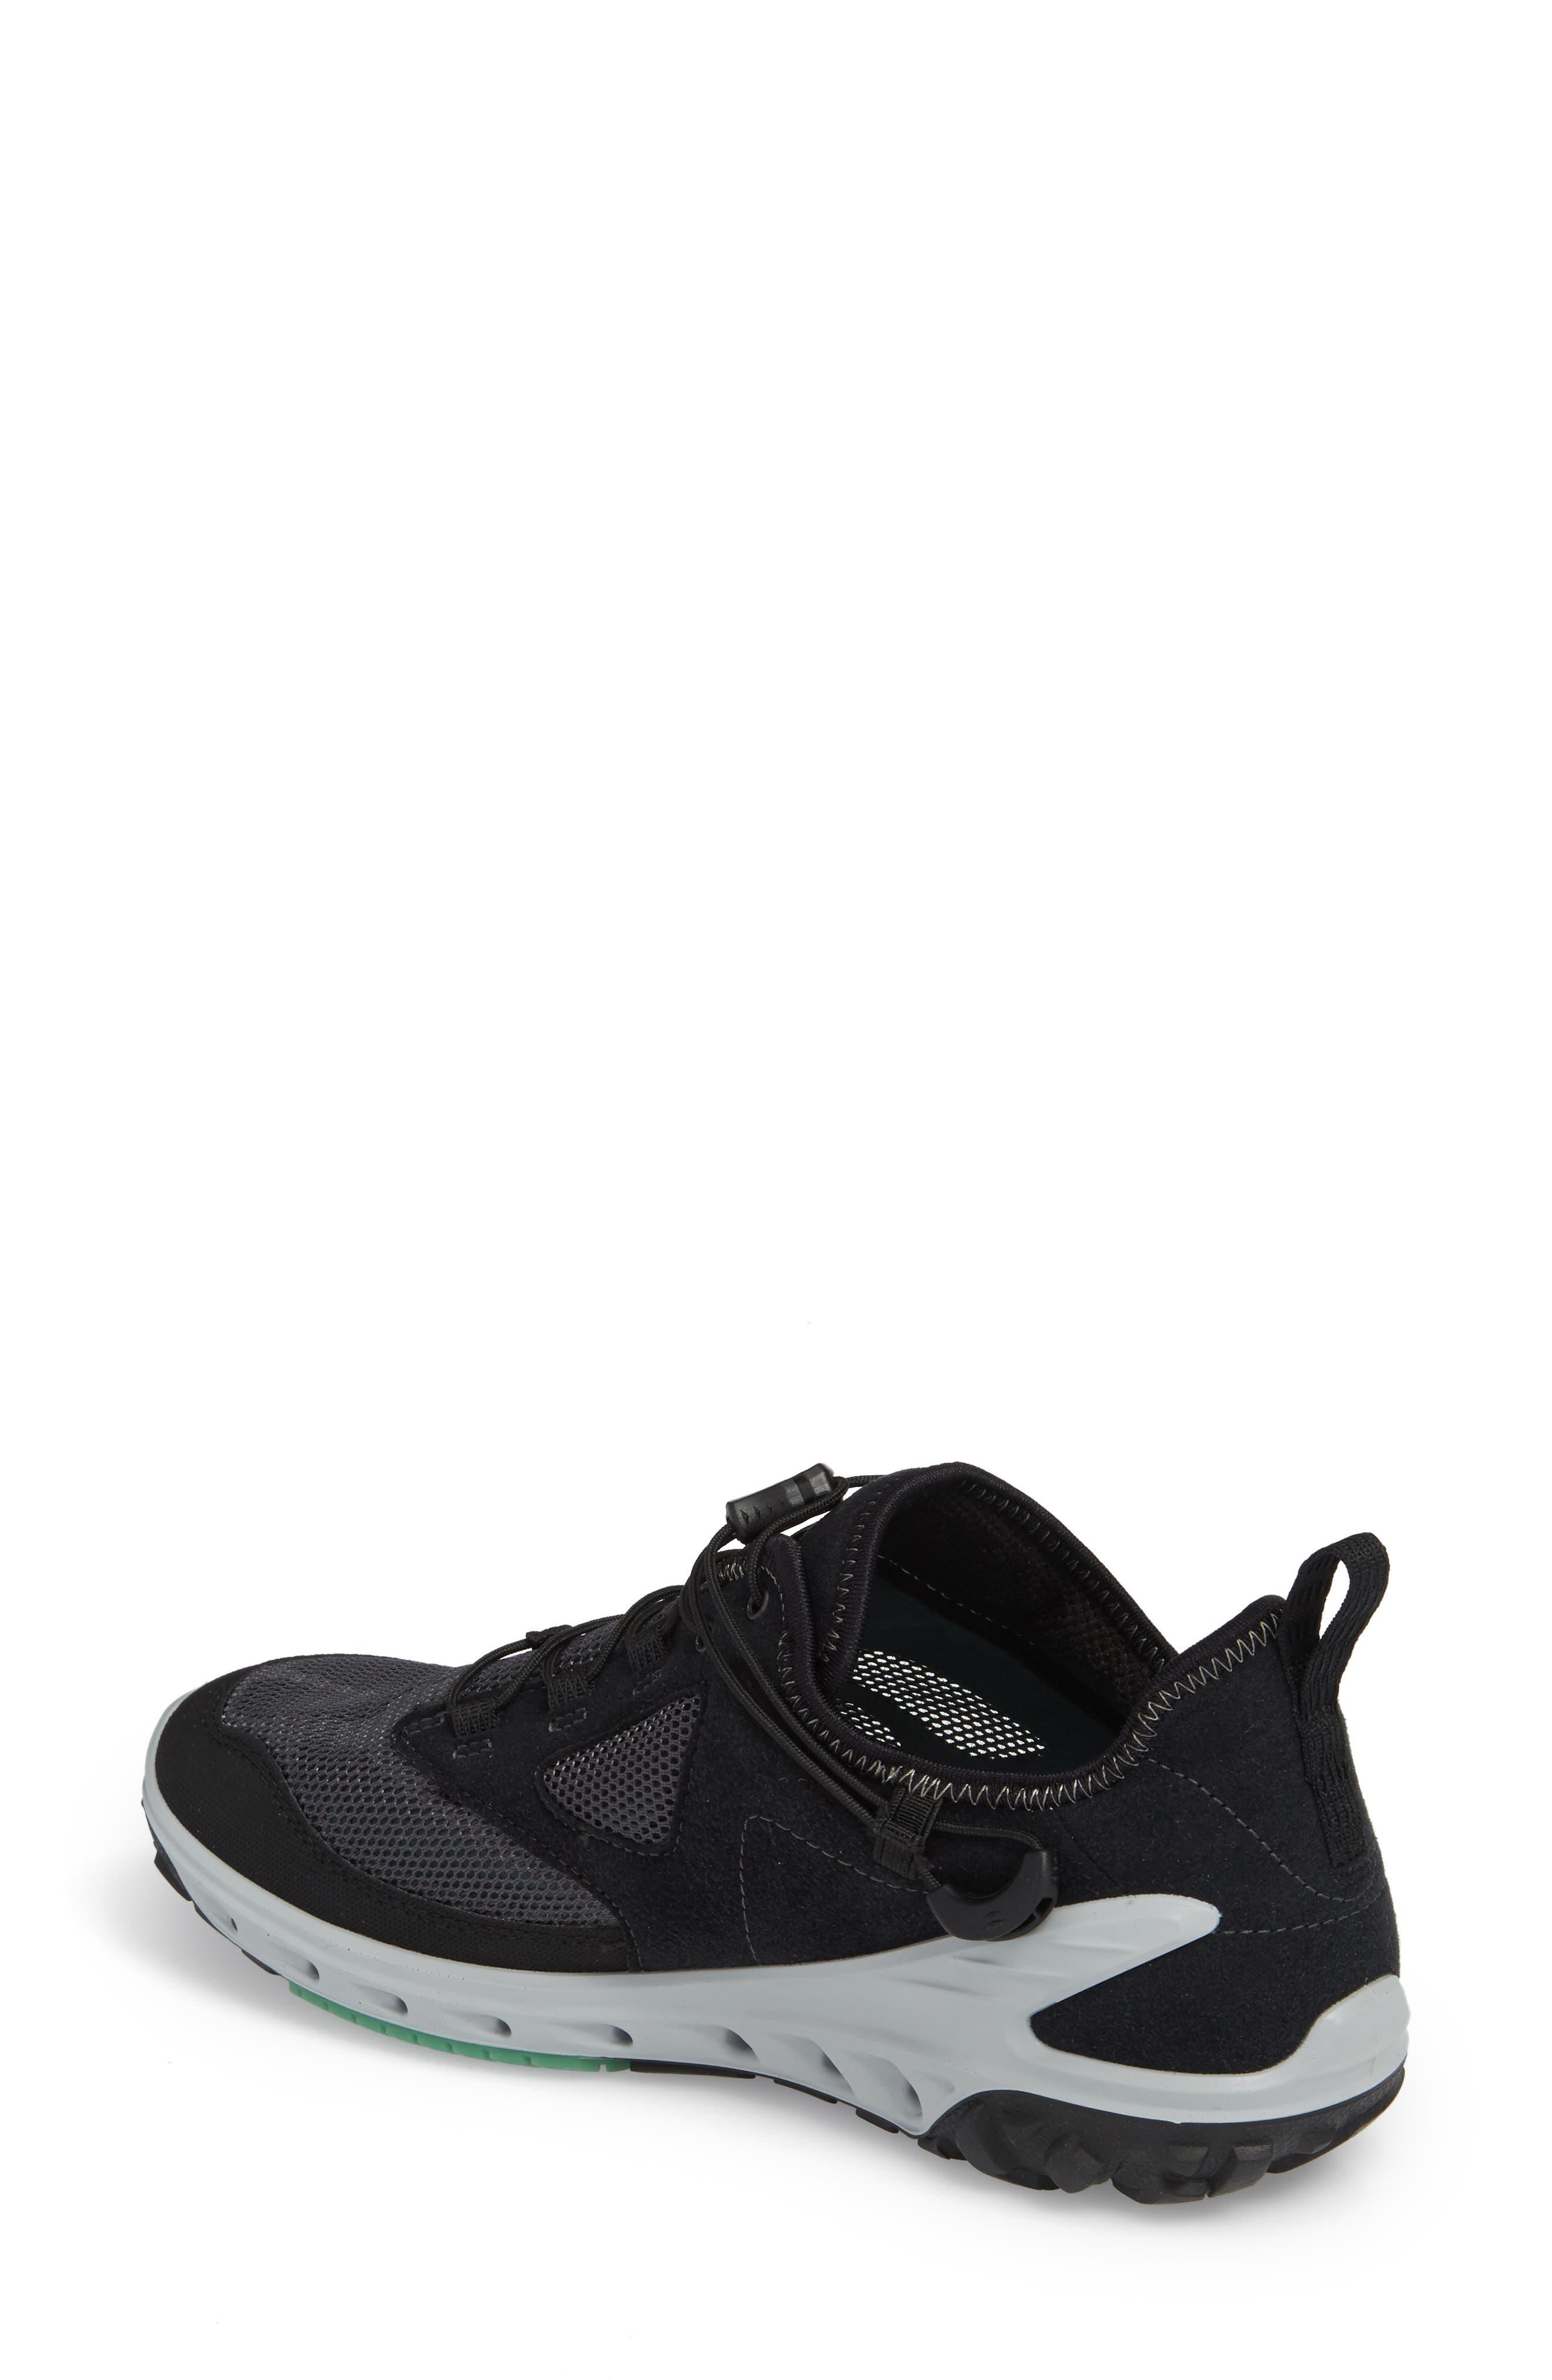 BIOM Venture Sneaker,                             Alternate thumbnail 2, color,